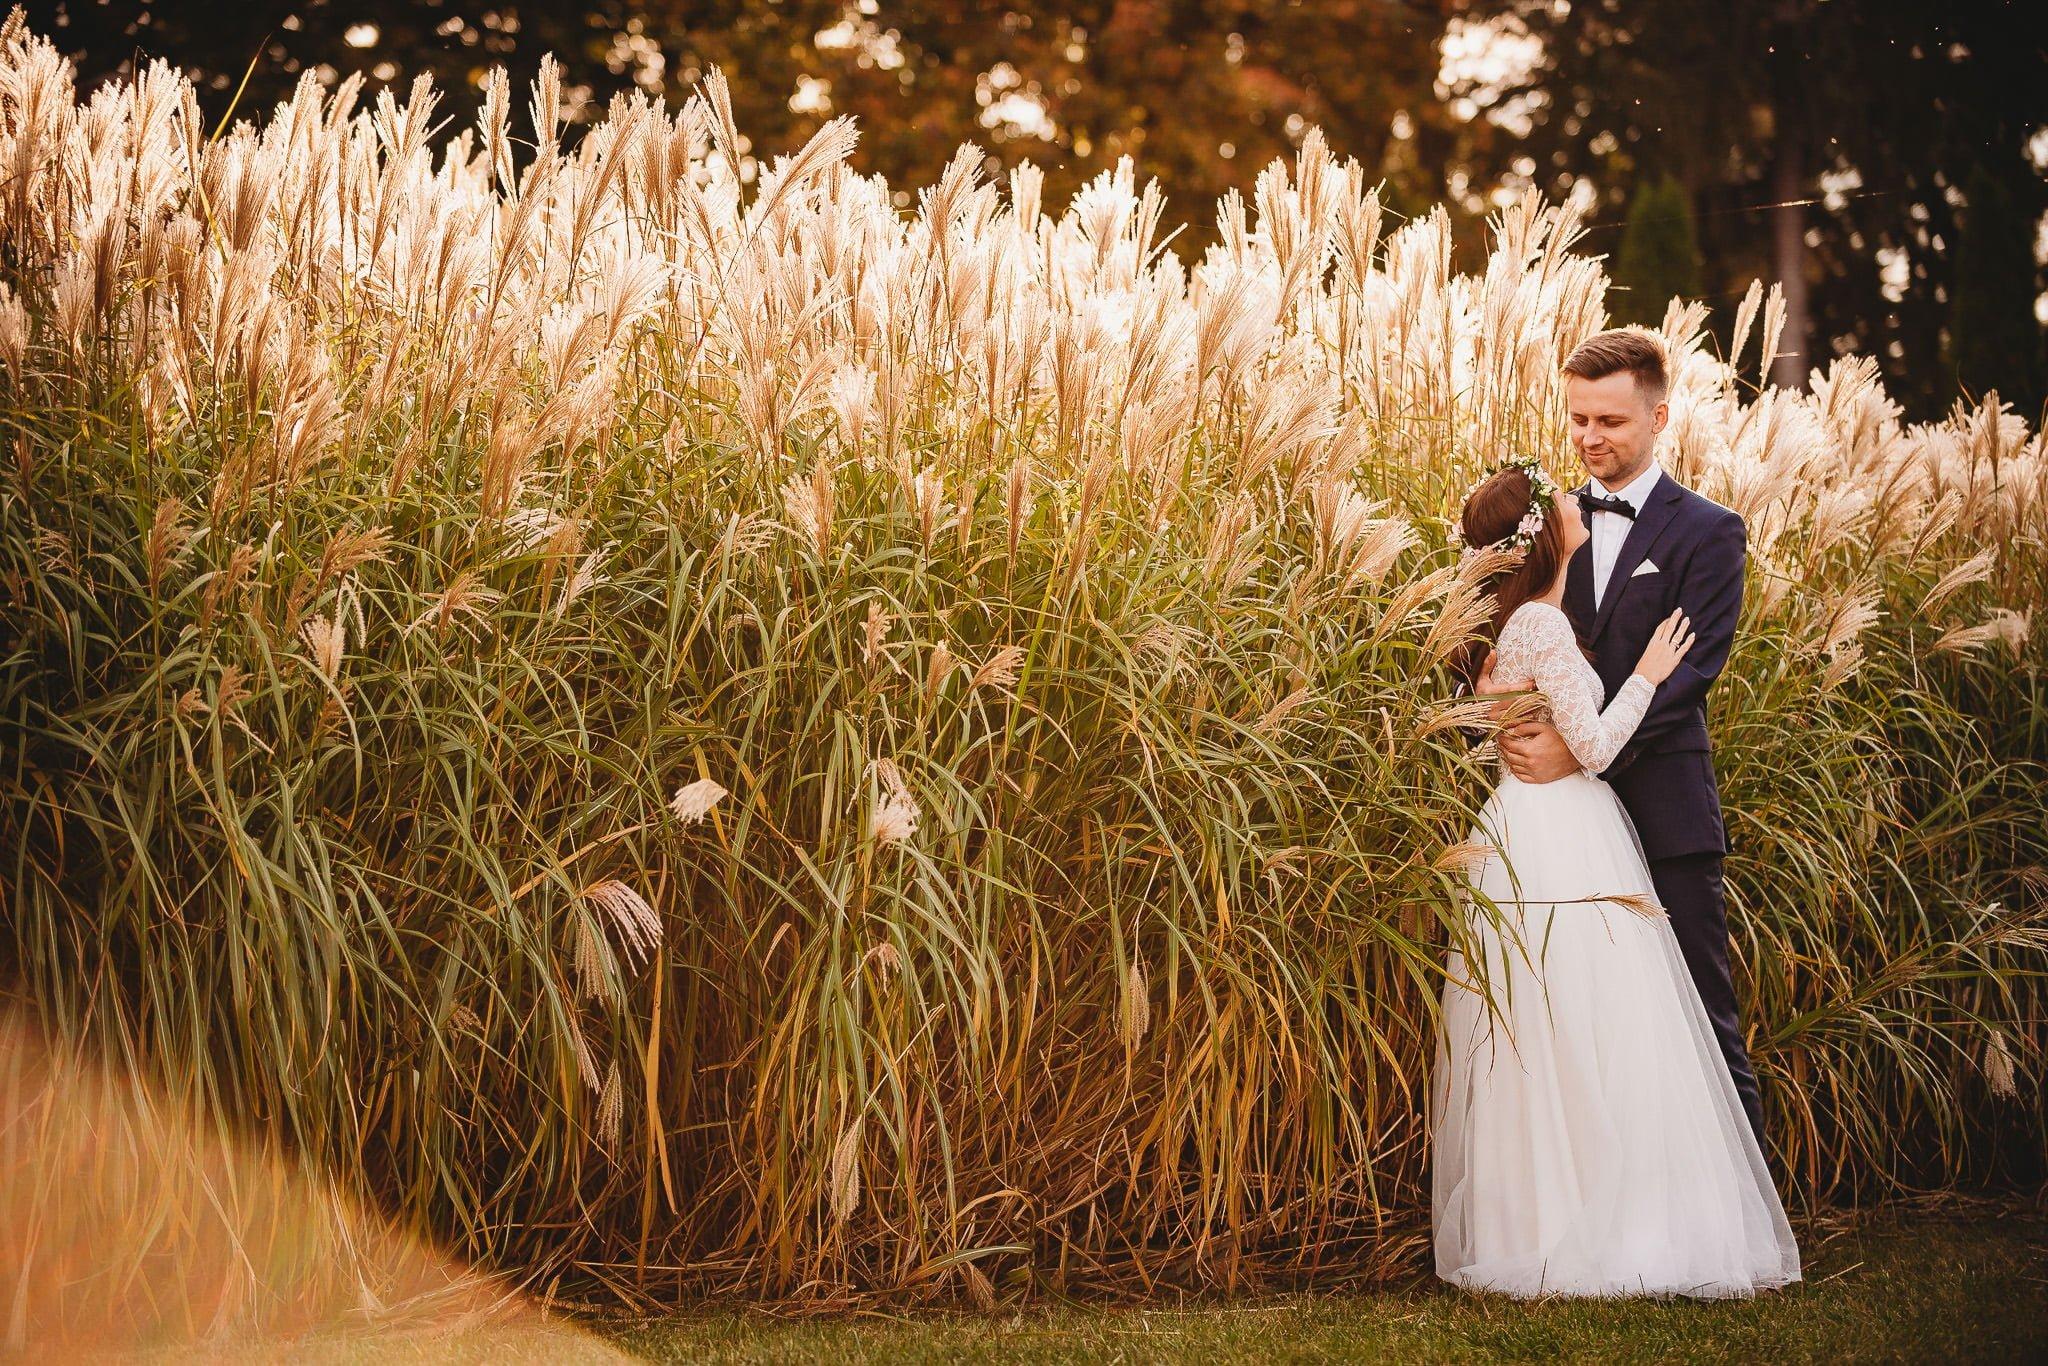 Fantastyczny ślub w stylu rustykalnym, wesele w Kapitańskiej  fotograf ślubny Konin 510